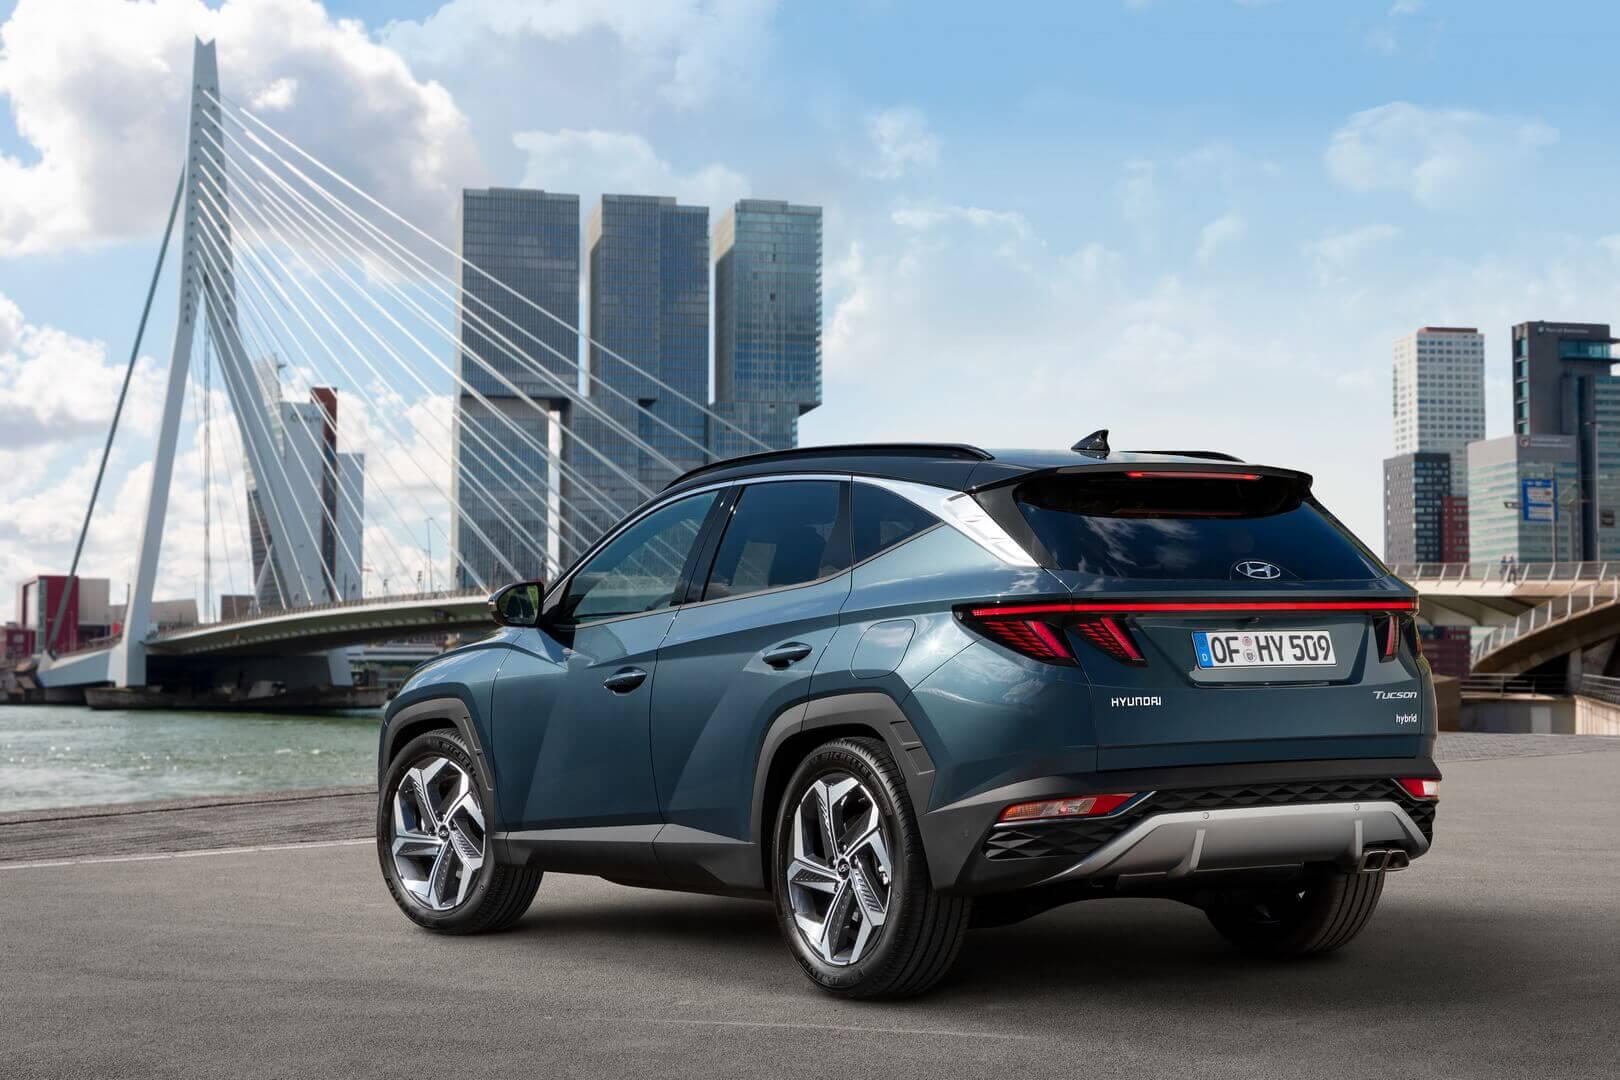 Hyundai представляет совершенно новый динамичный Tucson с лучшими характеристиками в сегменте и передовыми возможностями класса